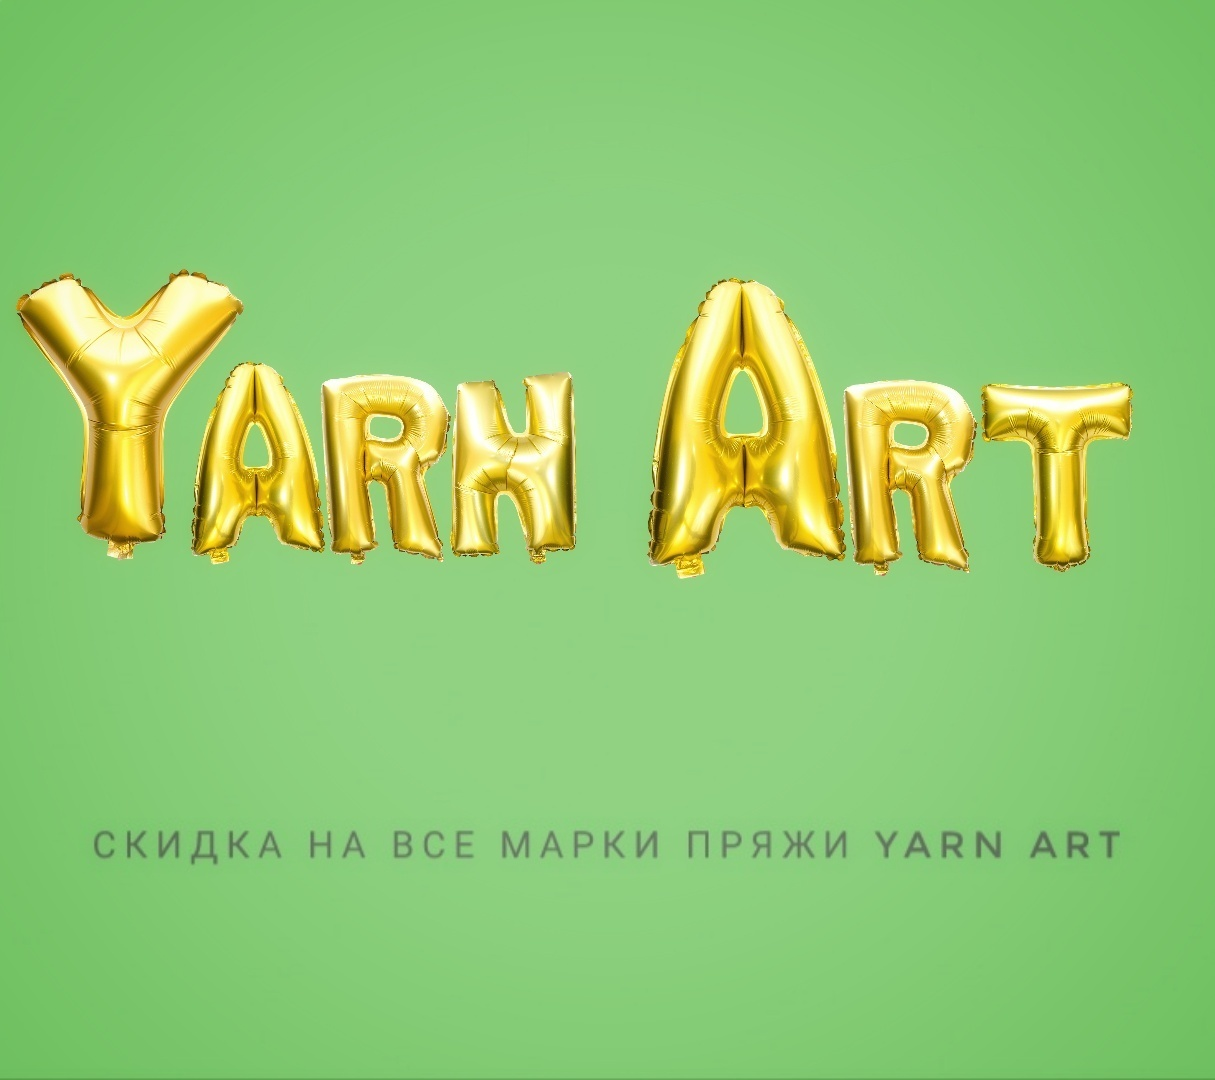 Скидка на всю пряжу Yarn Art!